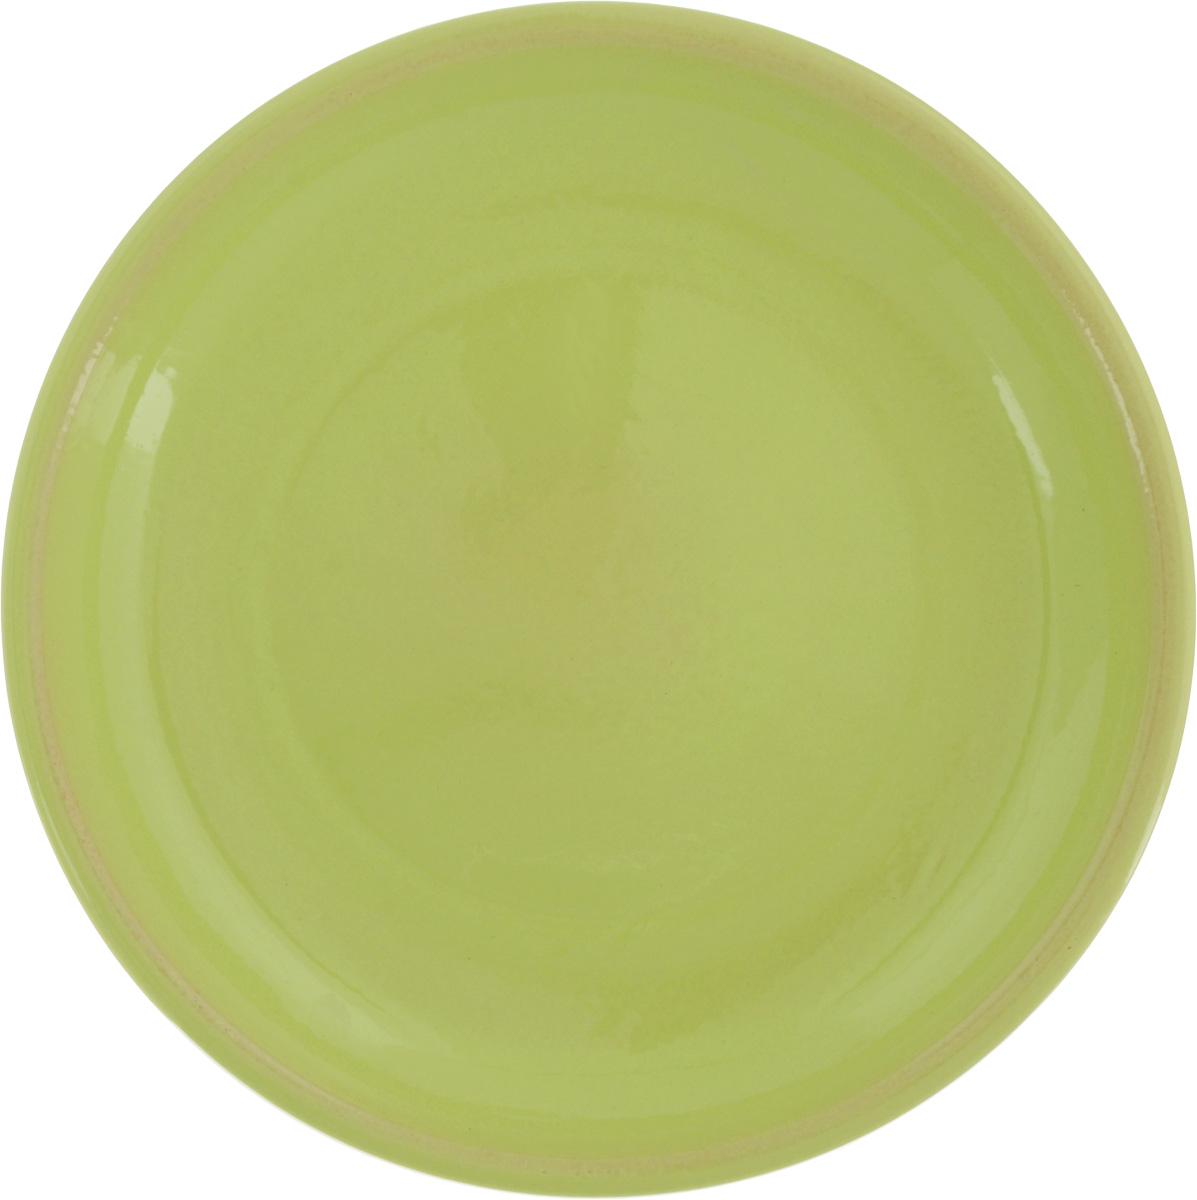 Тарелка Борисовская керамика Радуга, цвет: салатовый, диаметр 18 смAVSARN11027Тарелка Борисовская керамика Радуга выполнена из высококачественной керамики. Изделие идеально подойдет для сервировки стола и станет отличным подарком к любому празднику. Можно использовать в духовке и микроволновой печи.